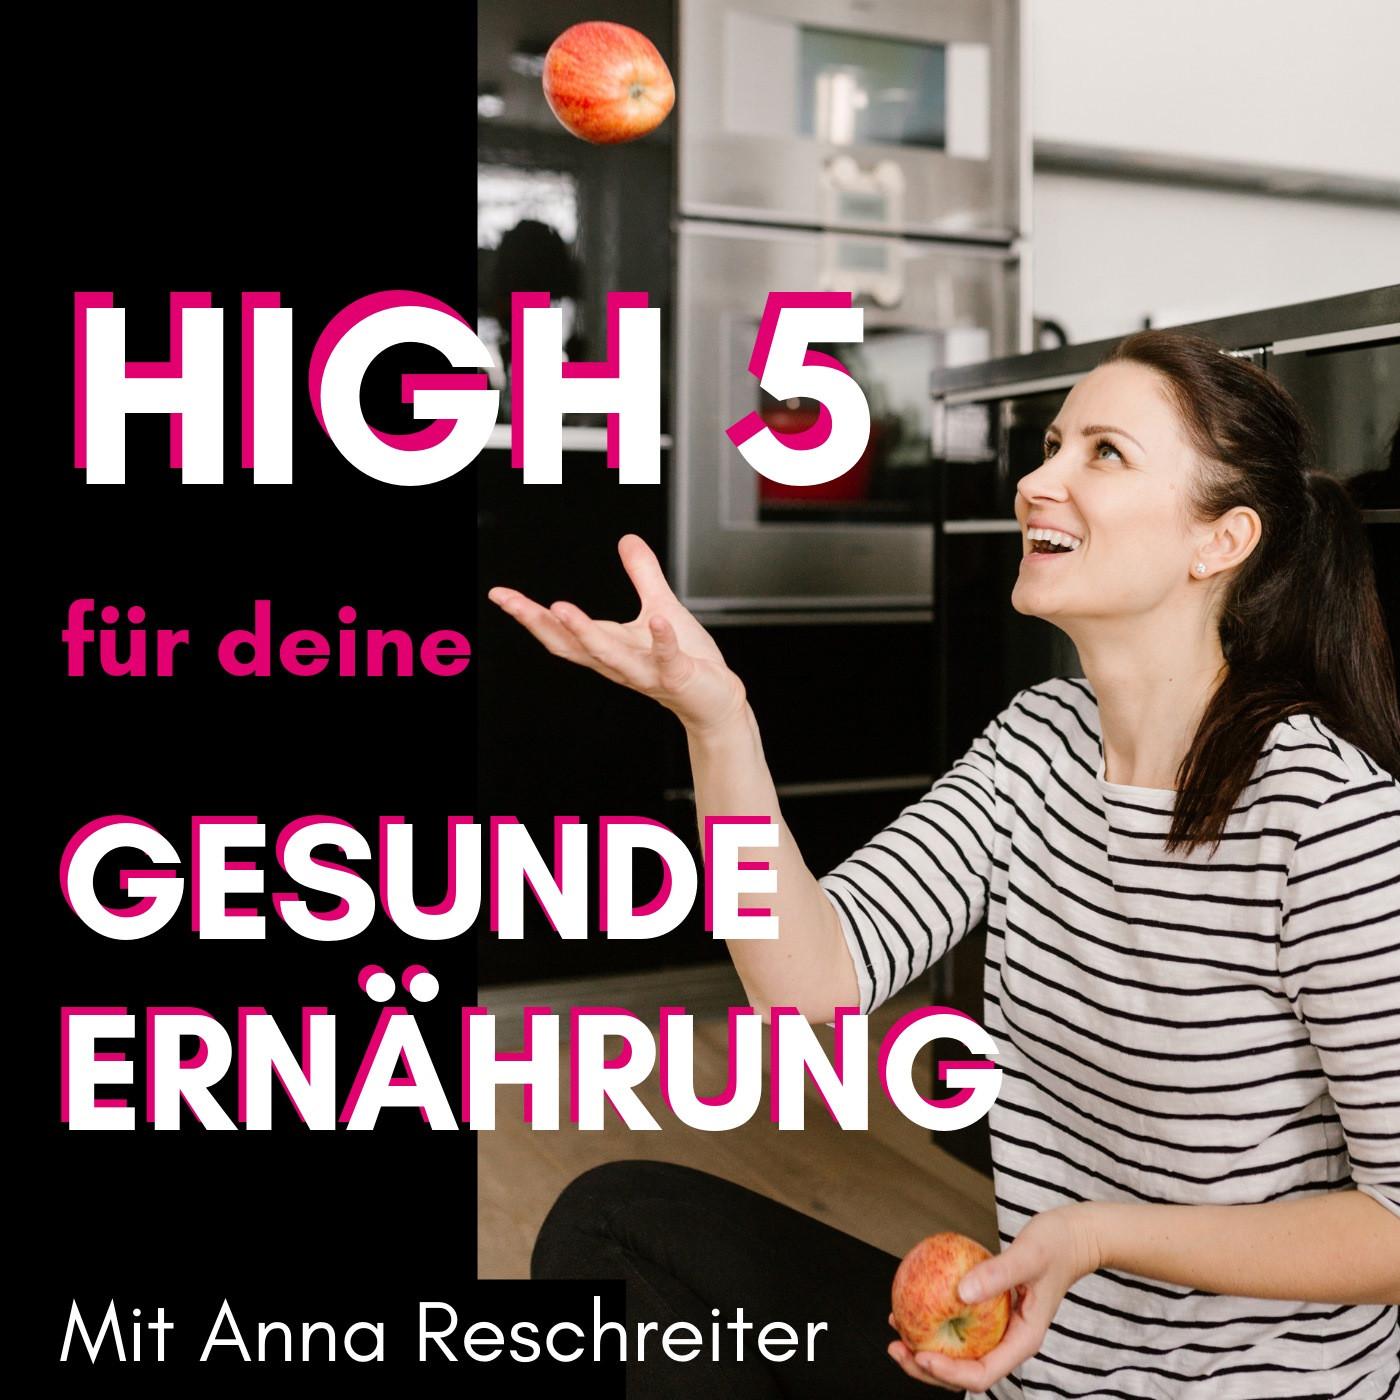 High 5 für deine gesunde Ernährung show art